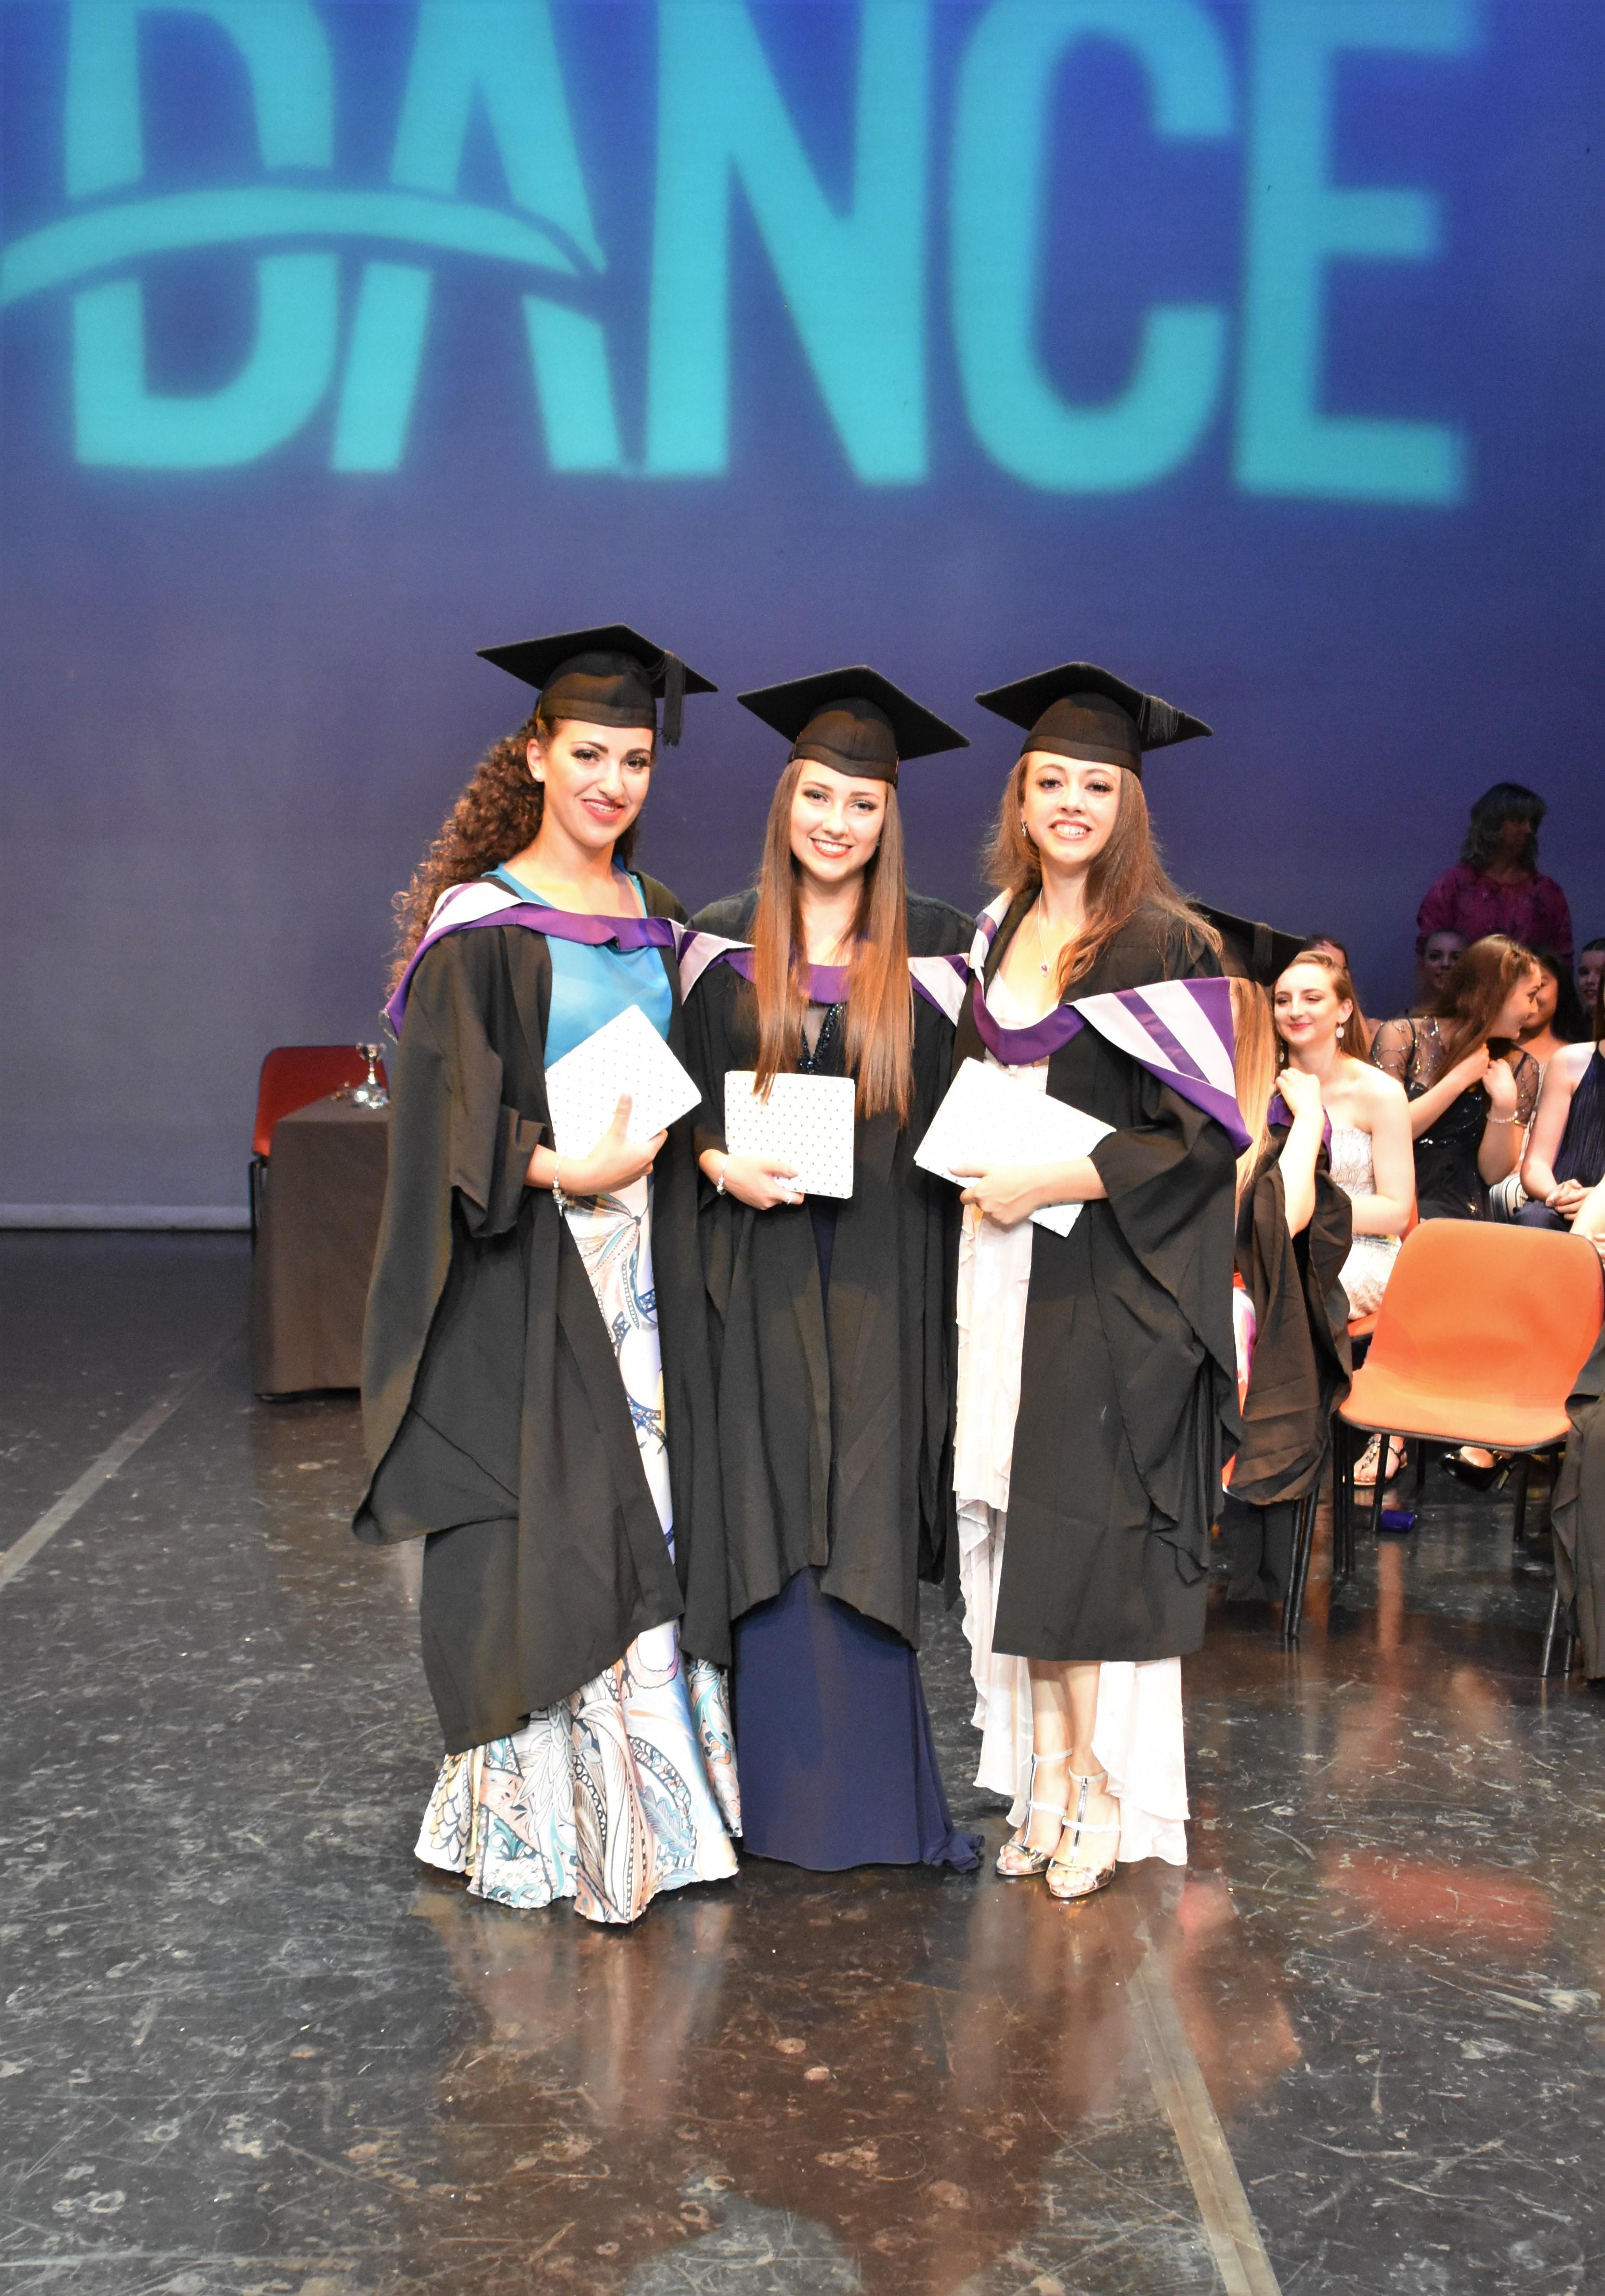 Graduate Level 6 Diploma